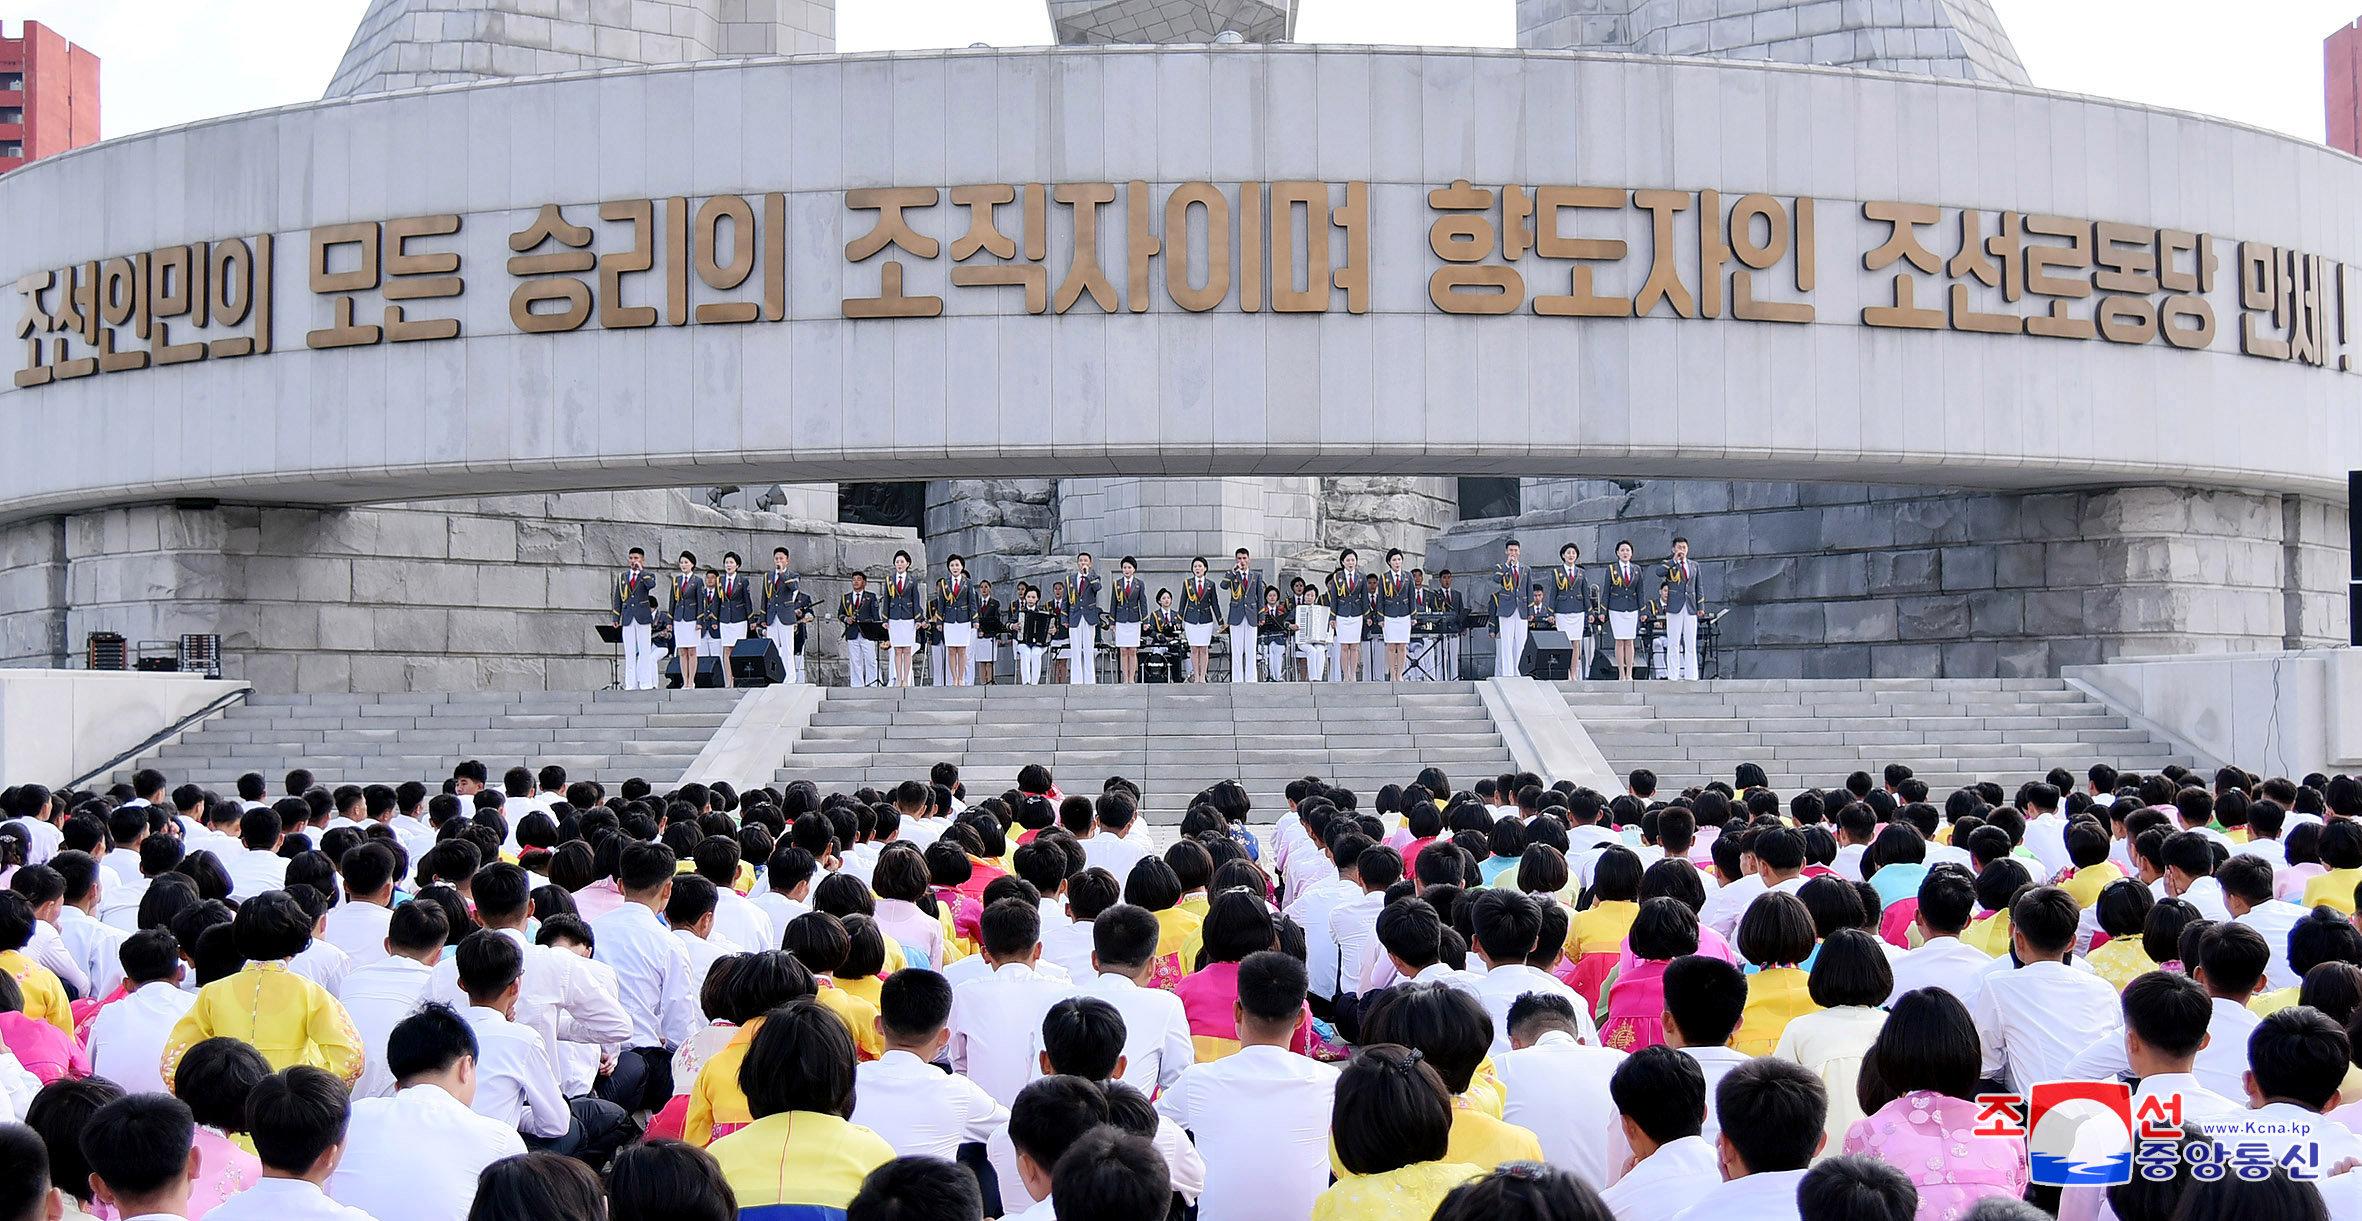 حضور كبير بين مواطنى كوريا الشمالية فى الاحتفال بذكرى تأسيس الحزب الحاكم